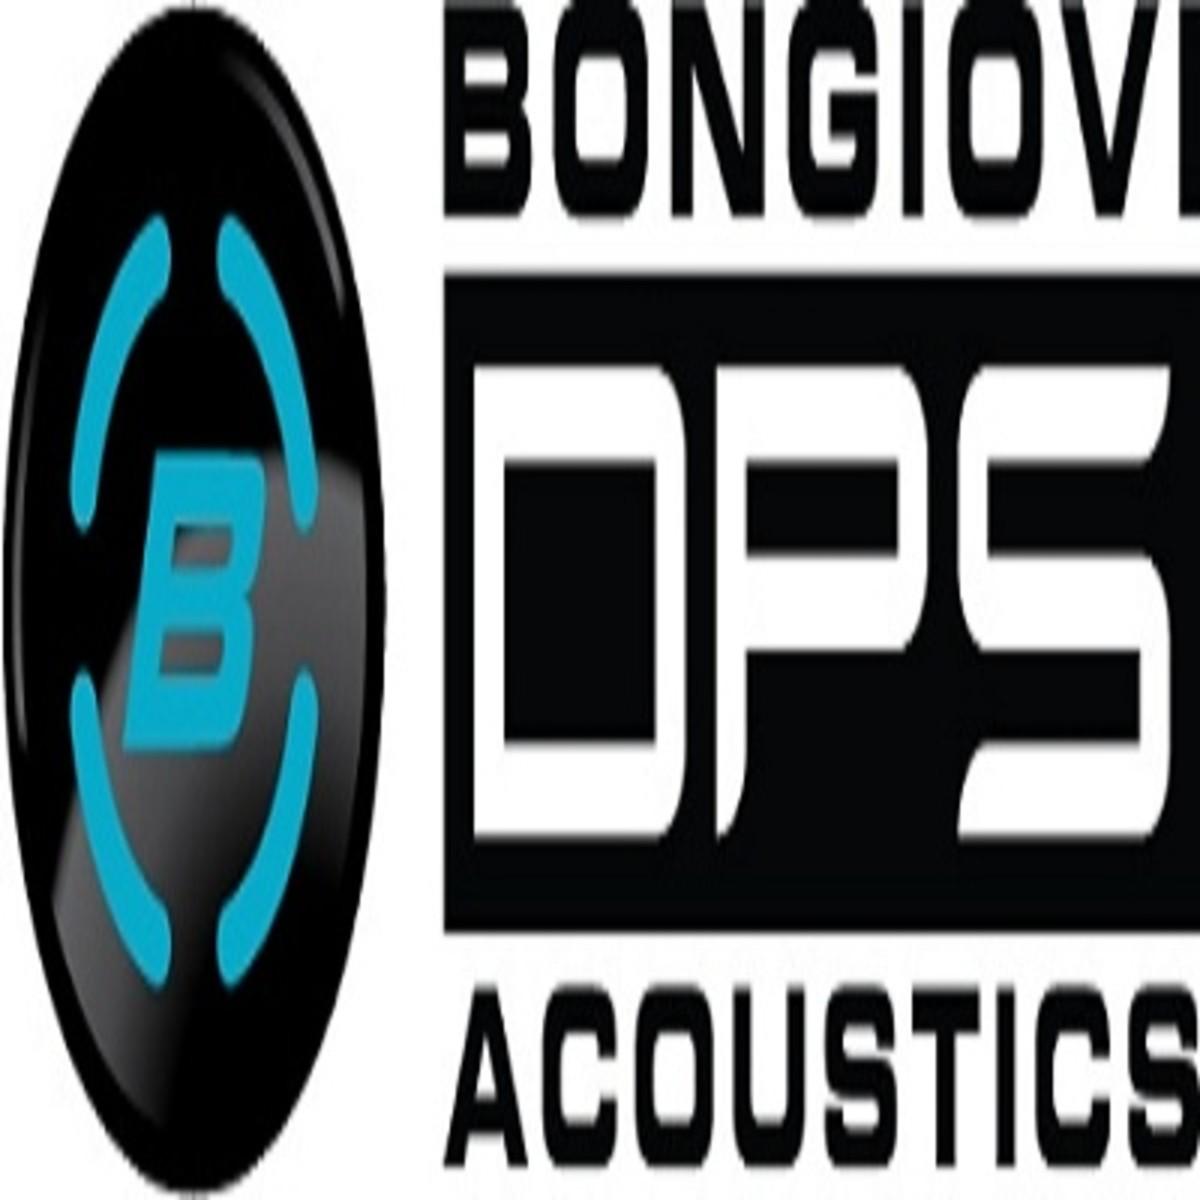 bongiovidps.jpg